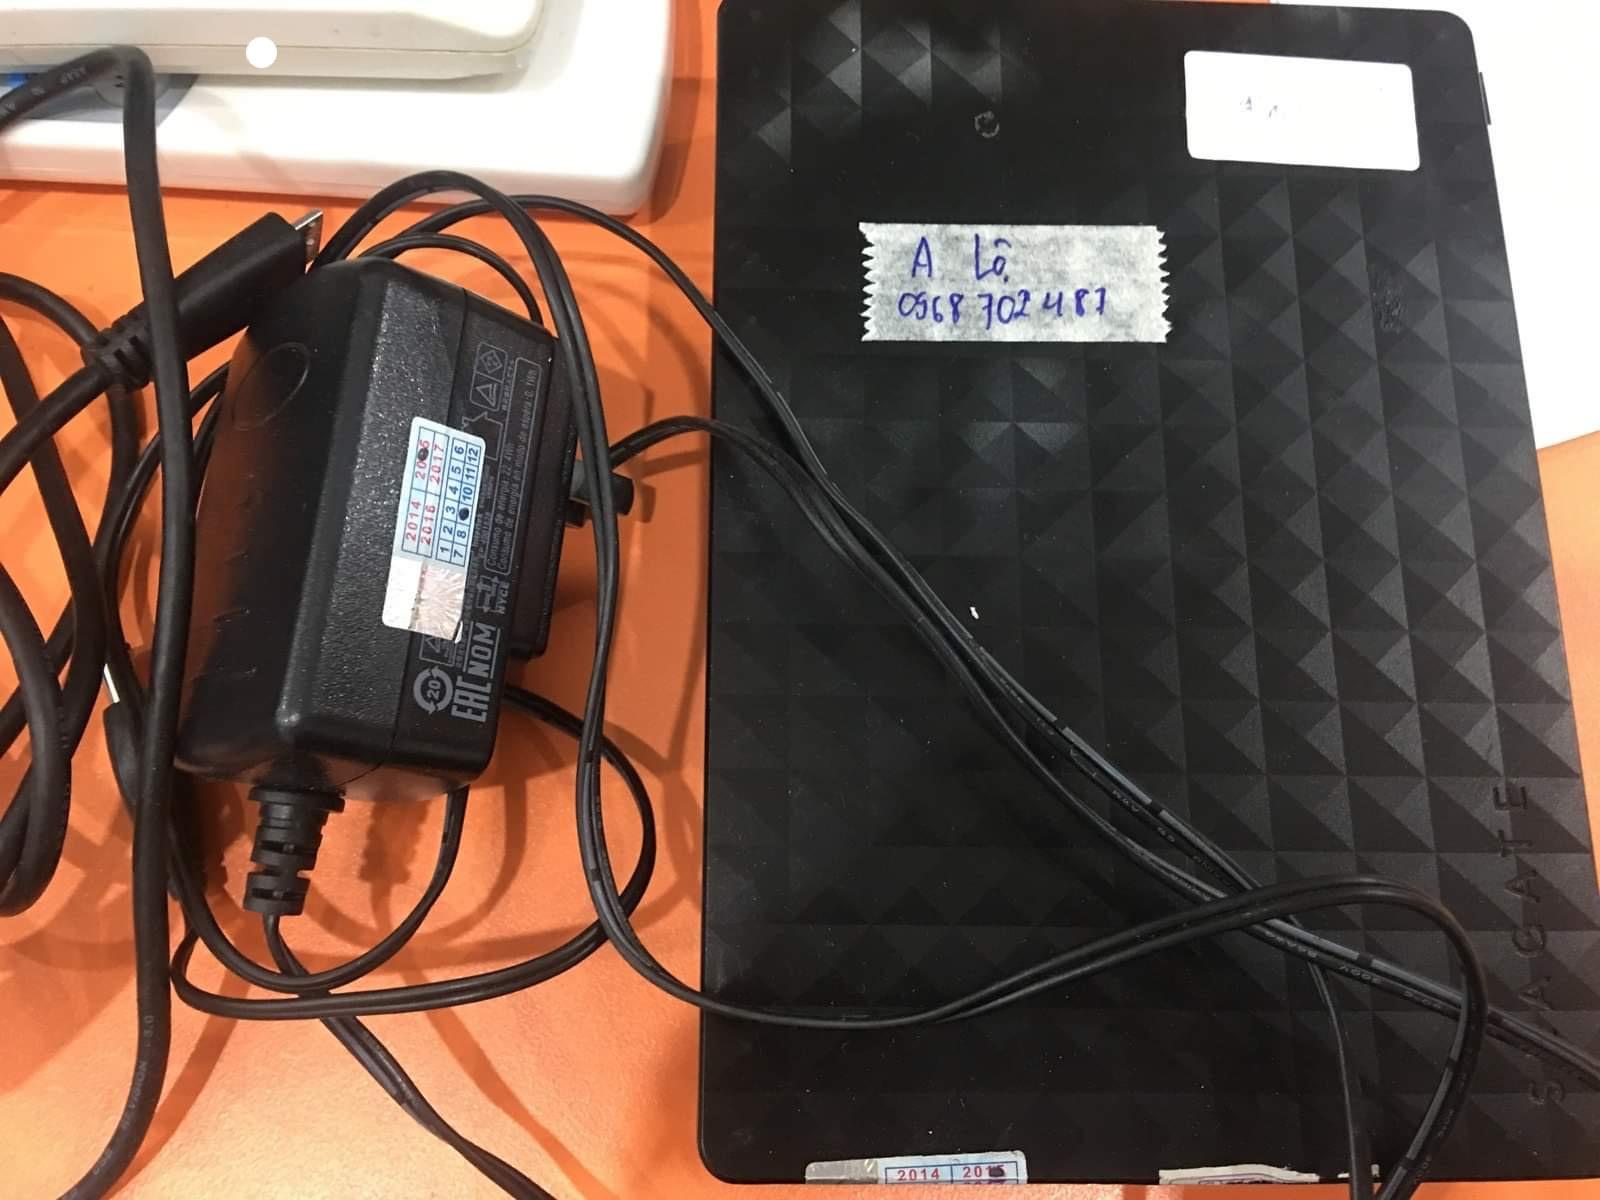 Phục hồi dữ liệu ổ cứng Seagate 2TB đầu đọc kém 18/06/2020 - cuumaytinh